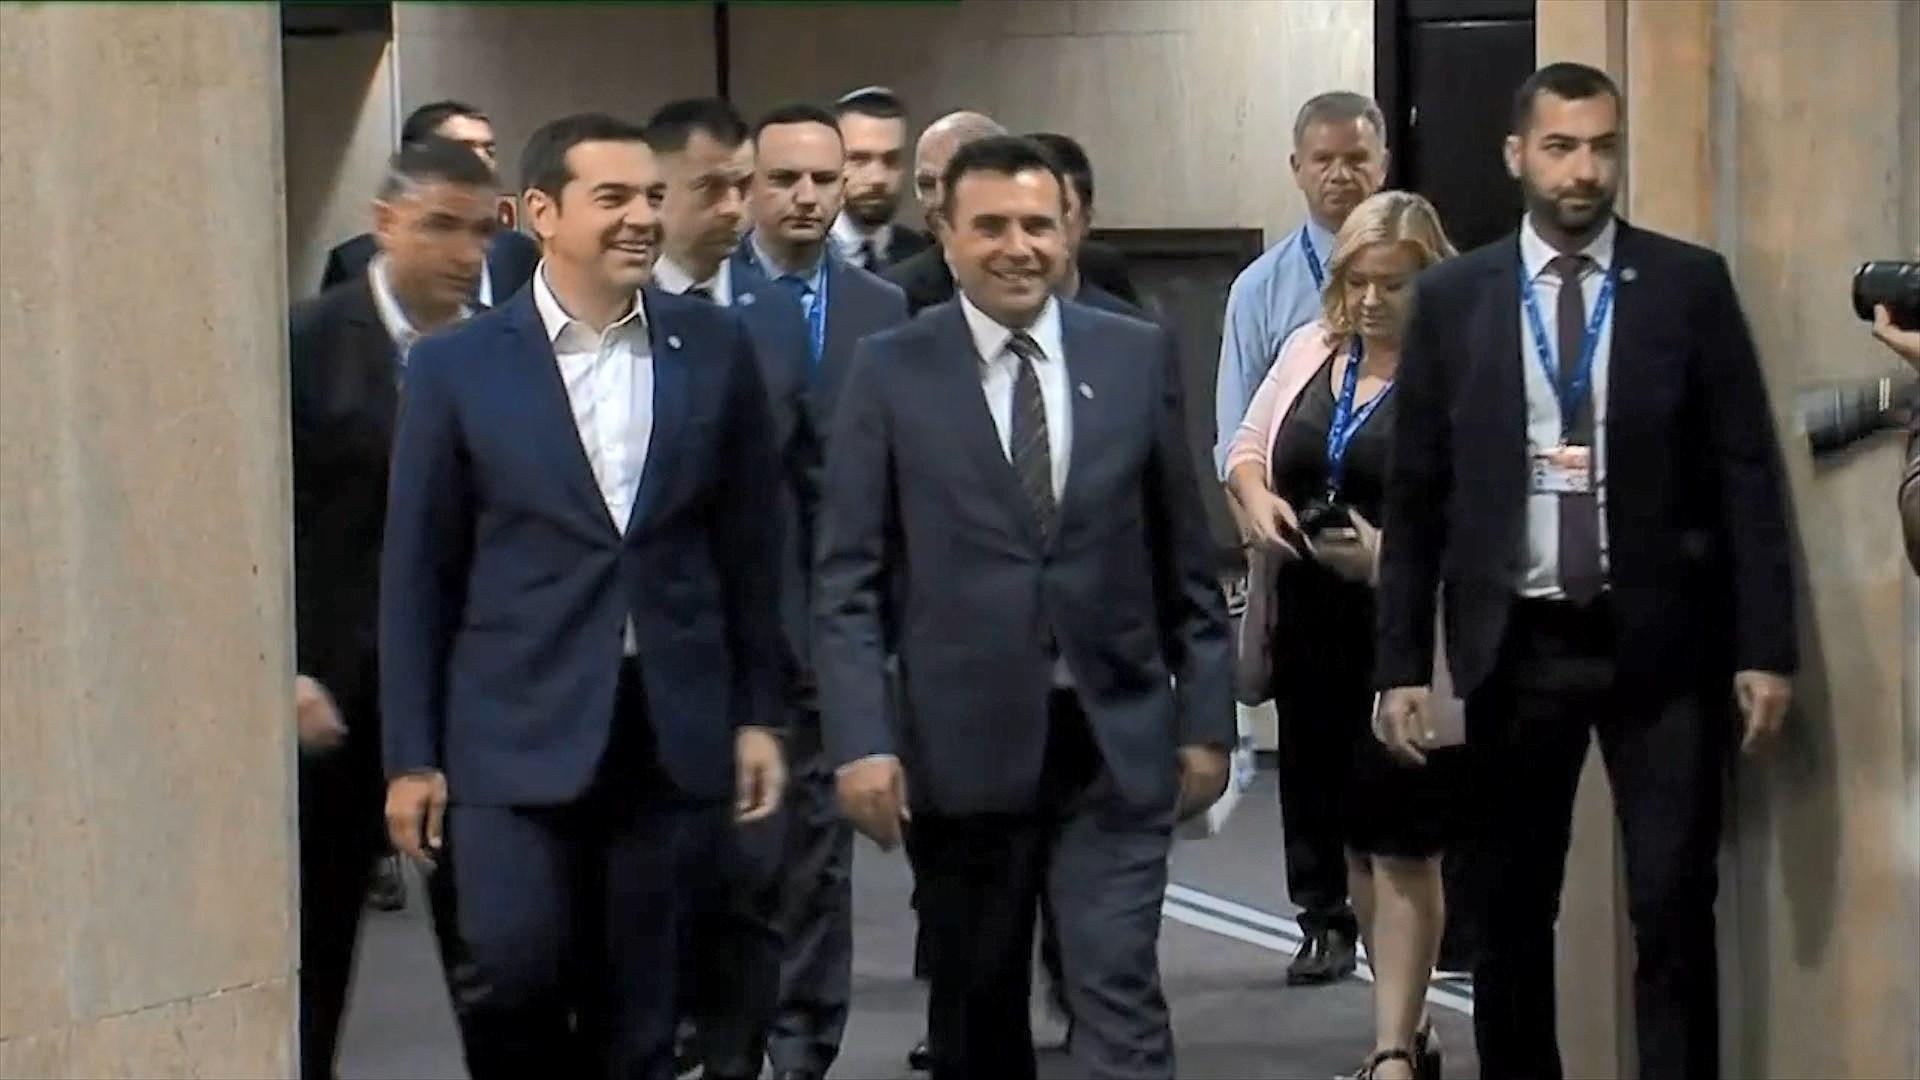 Qeveria e Shkupit reagon pas refuzimit të Greqisë për emrin Republika Ilinditase